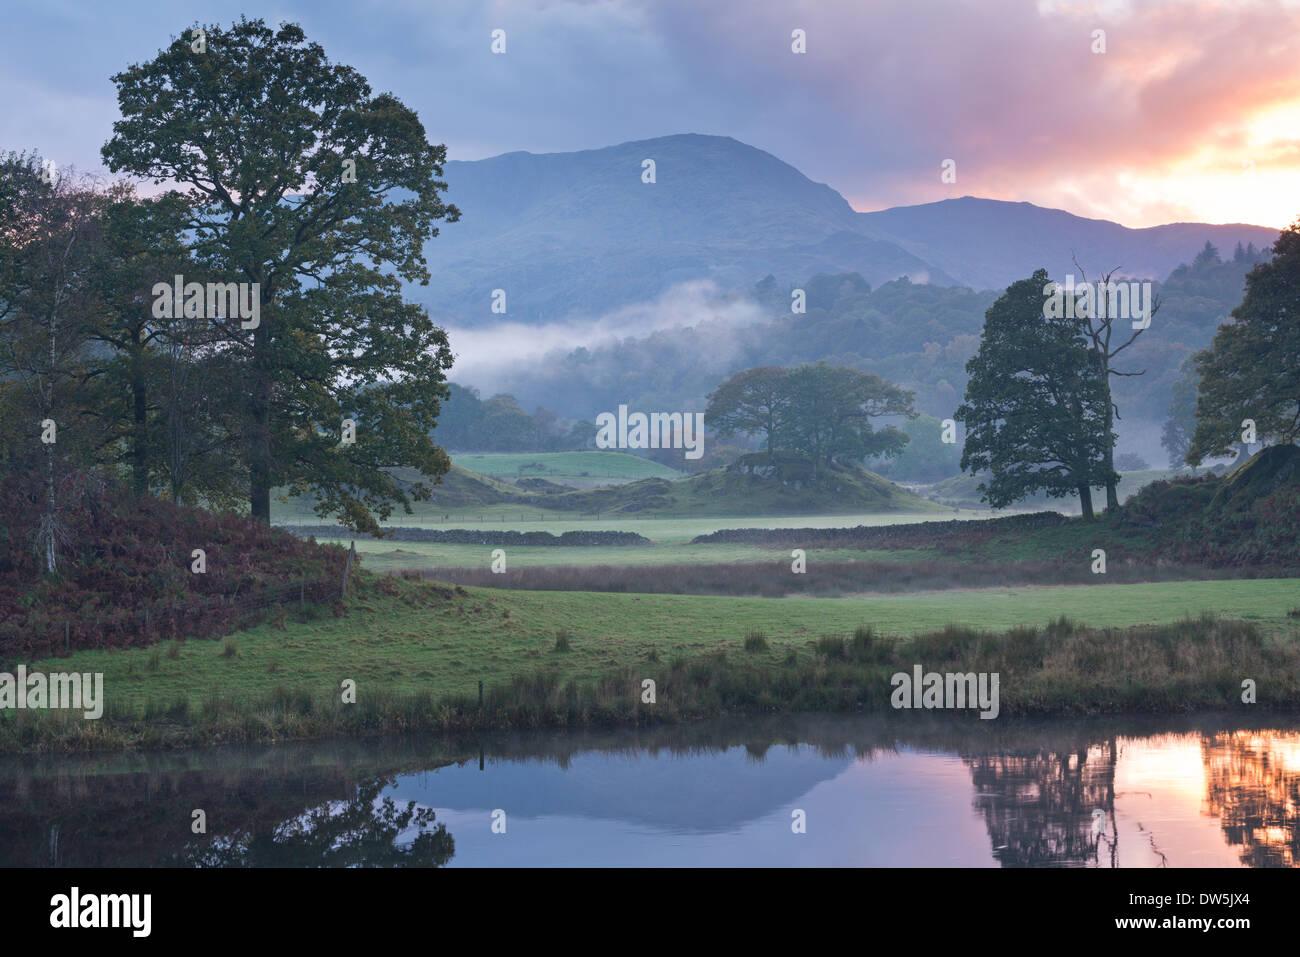 Coucher du soleil dans l'atmosphère à partir de la rivière Brathay près de Lake Road, Lake District, Cumbria, Angleterre. L'automne (octobre) 2013. Photo Stock